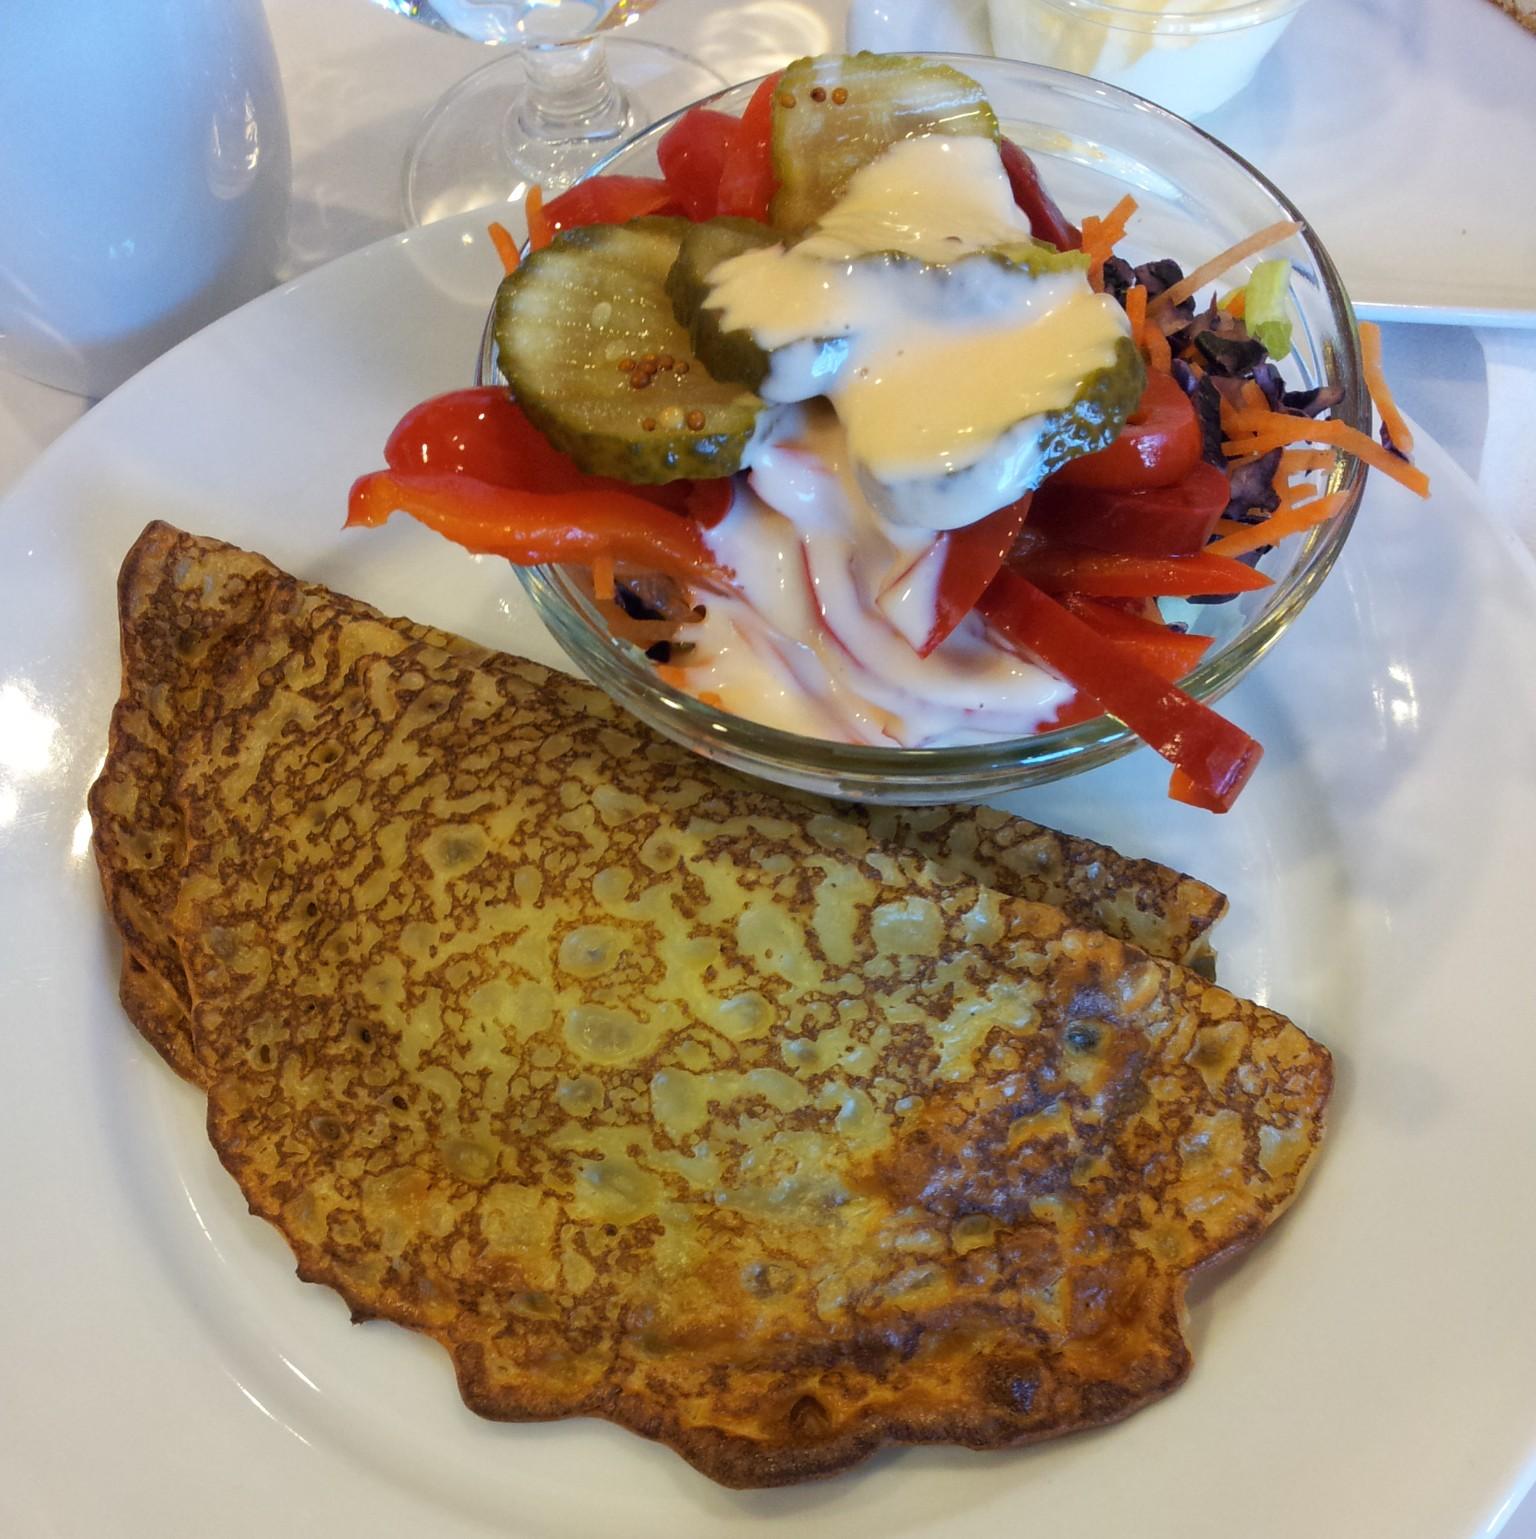 IKEA Ravintola, Kuopio: Sienitäytteiset letut ja pieni salaatti